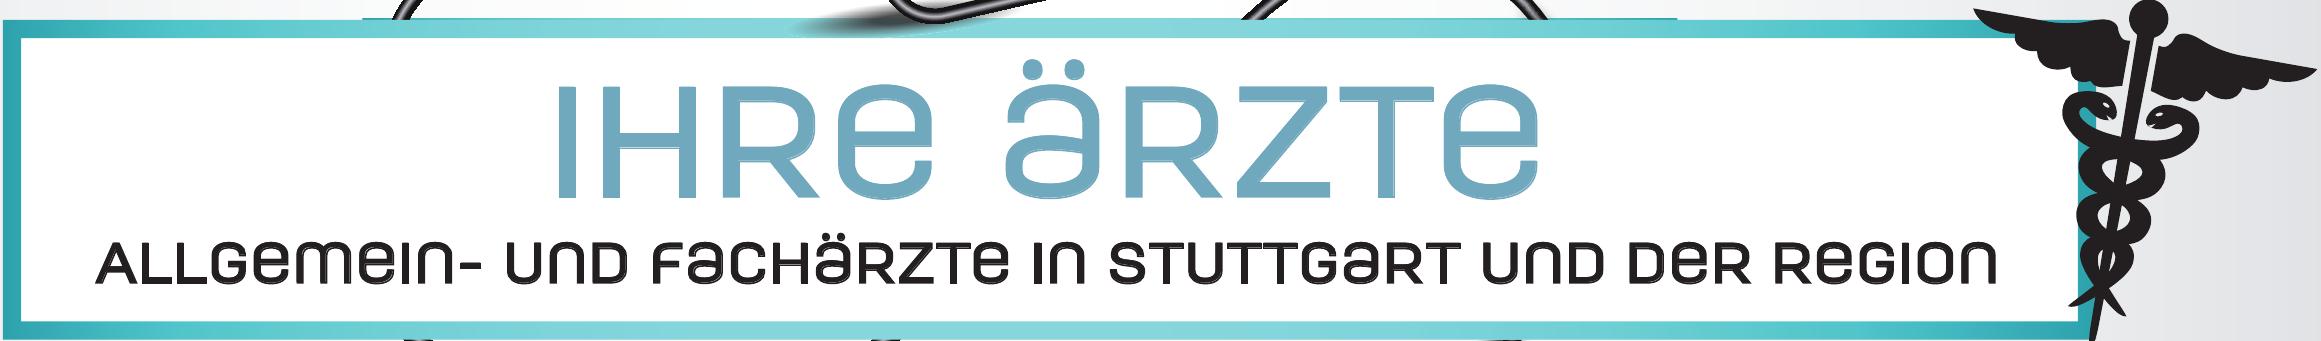 Allgemein- und Fachärzte in Stuttgart und der Region Image 1